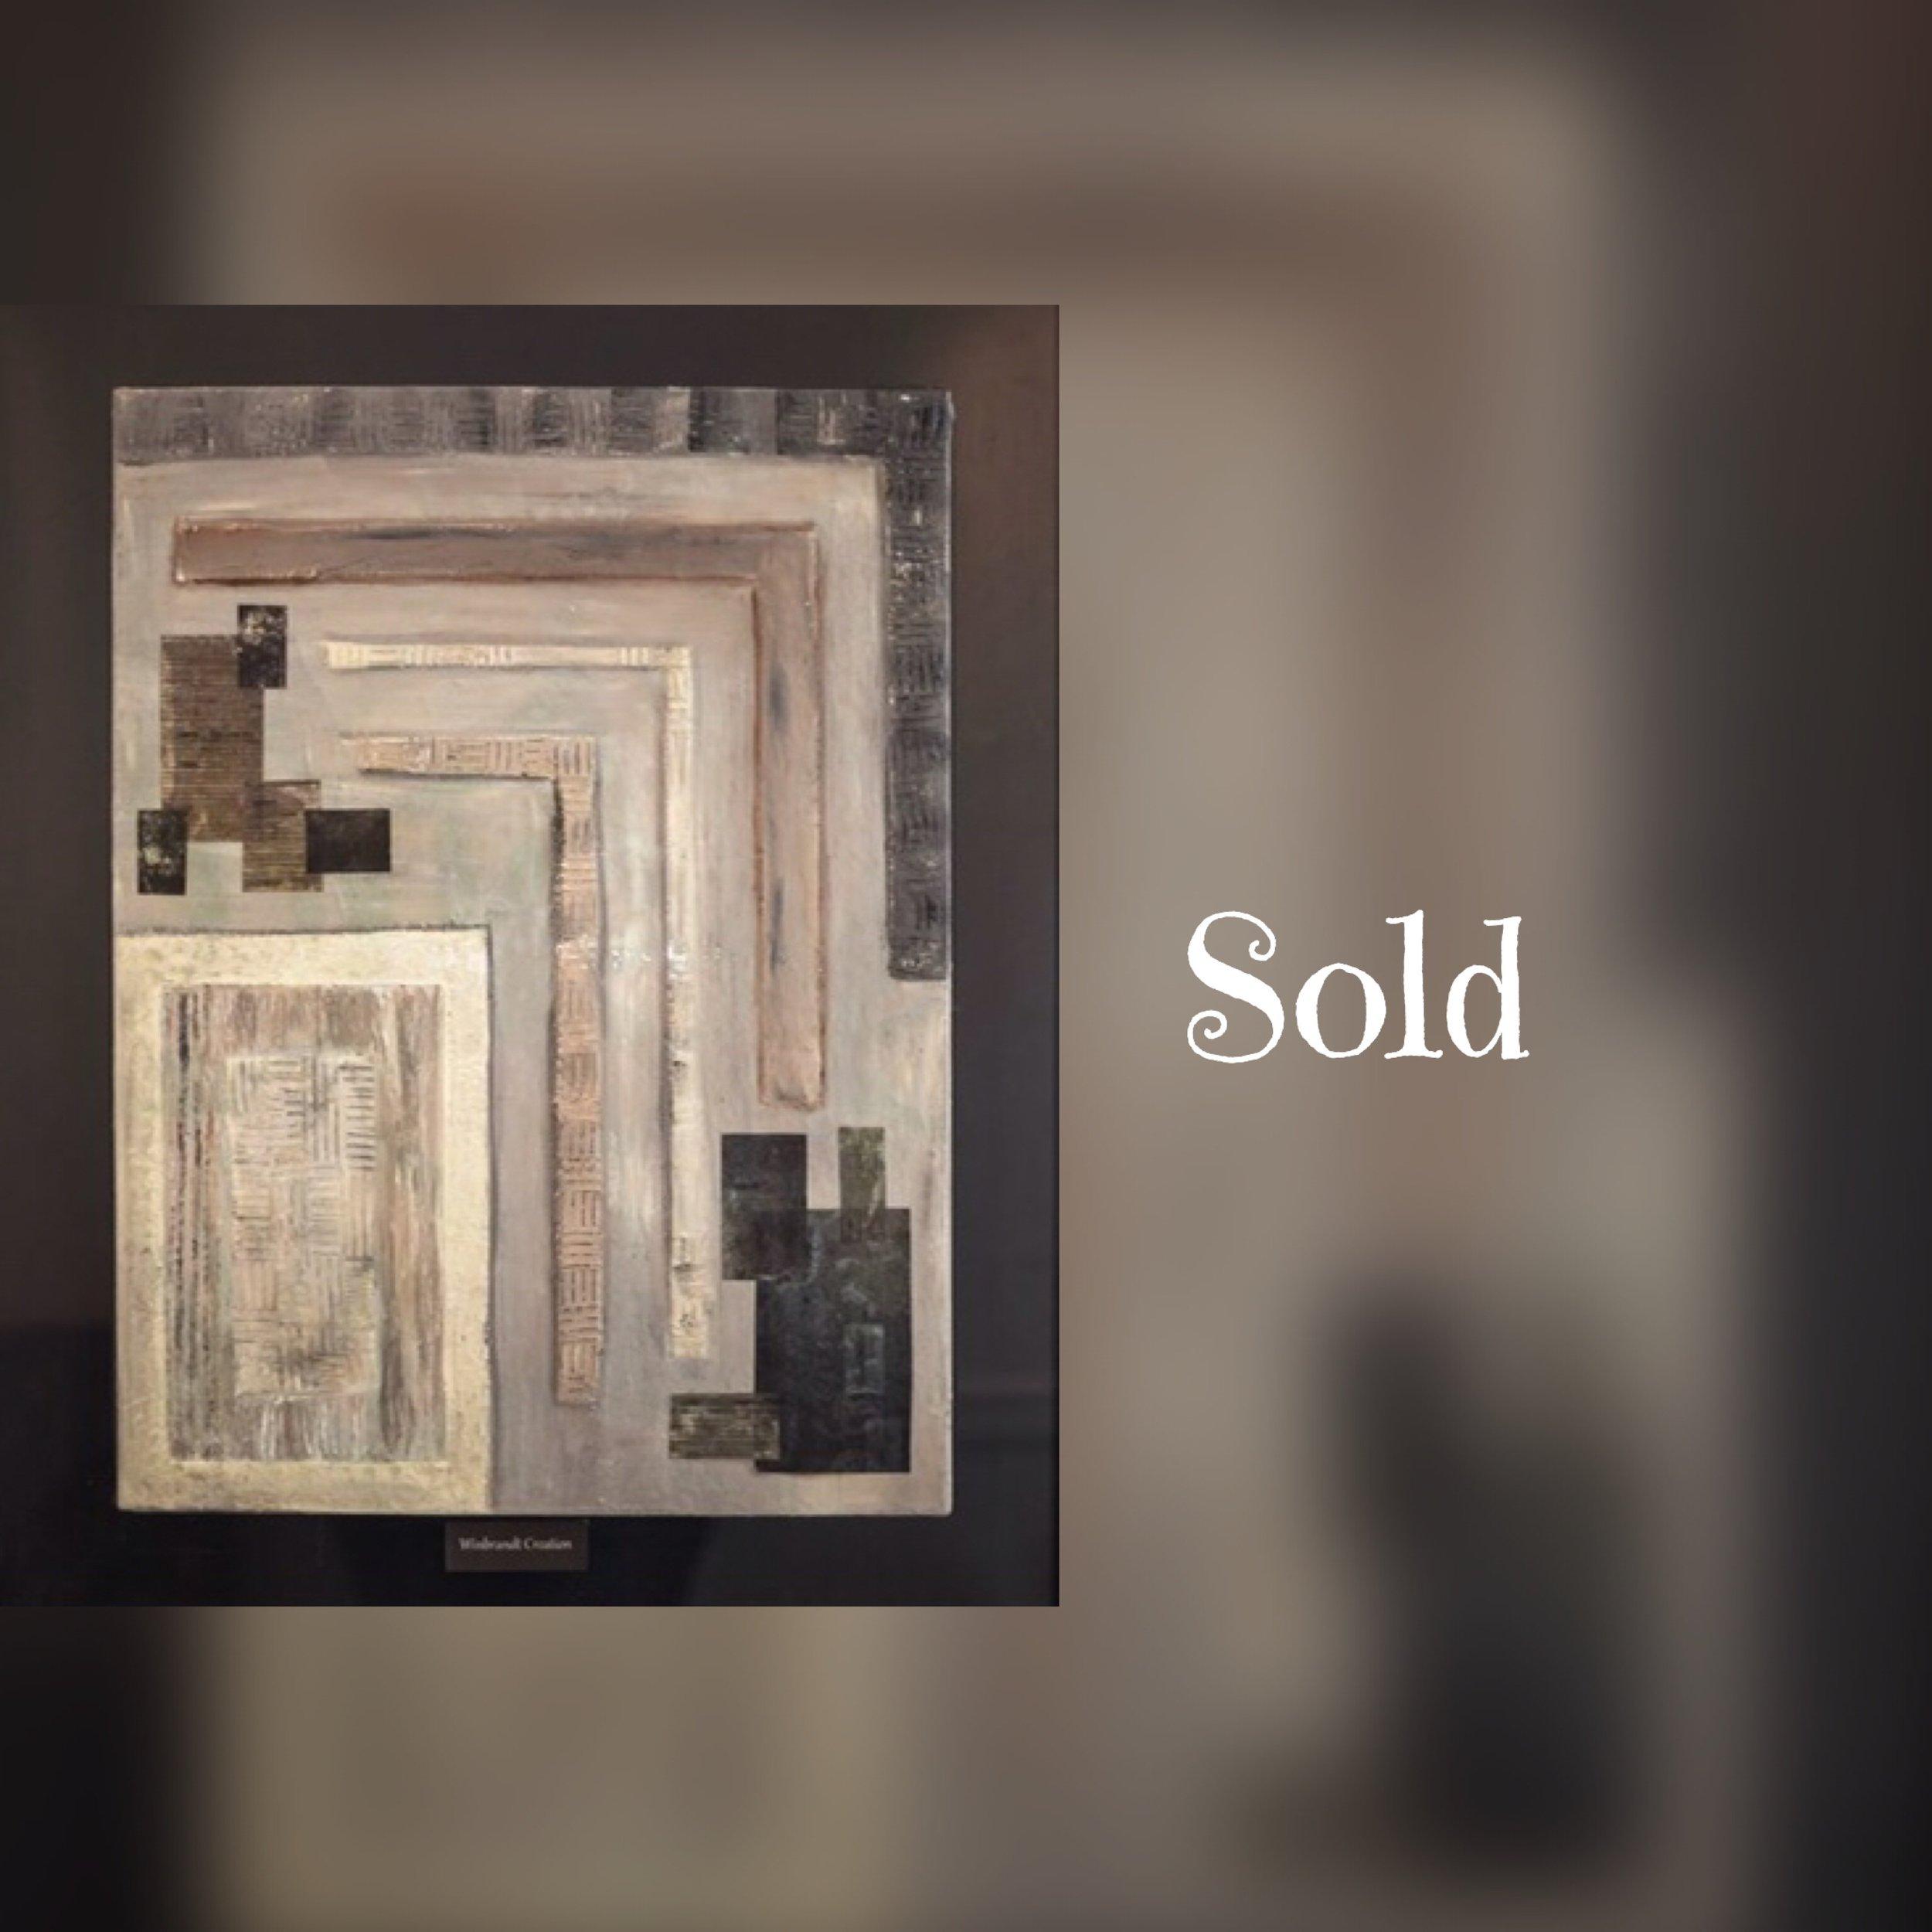 sold HBWABG.jpg